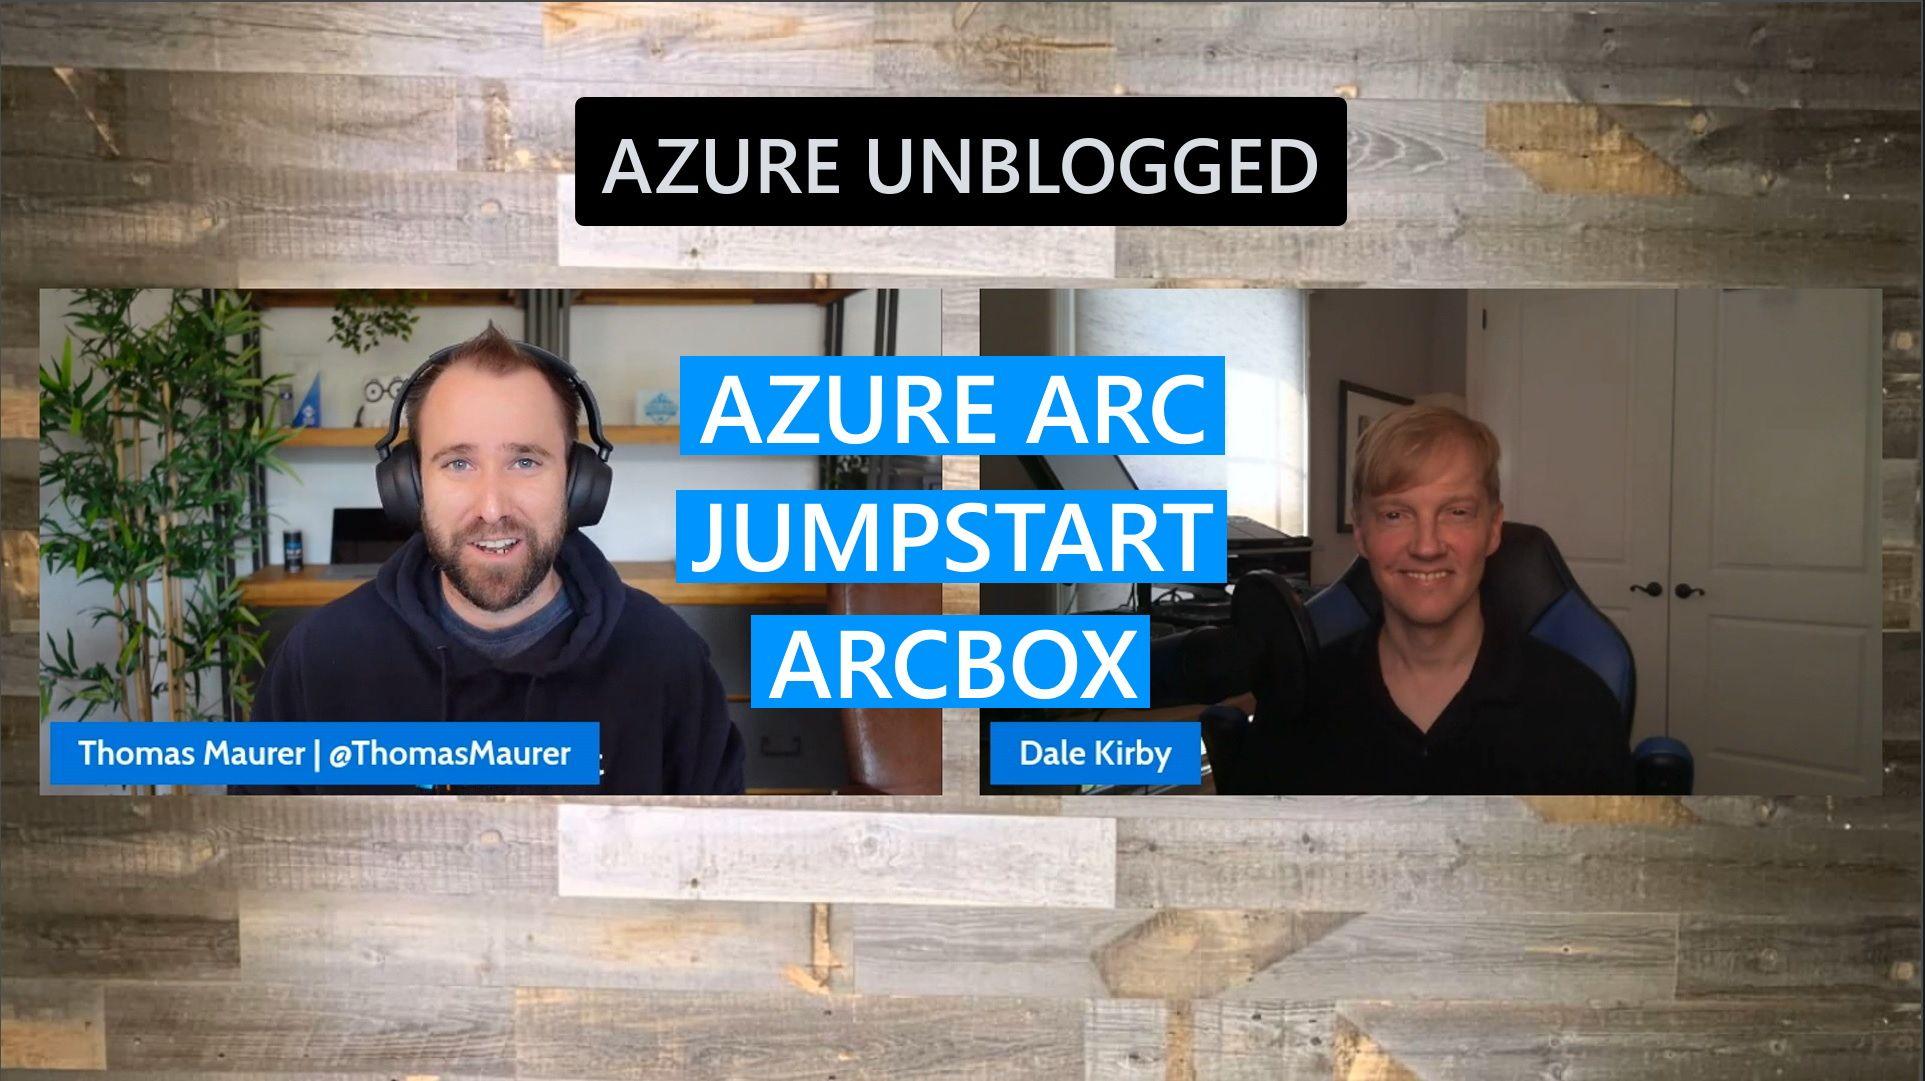 Azure Unblogged - Azure Arc Jumpstart ArcBox